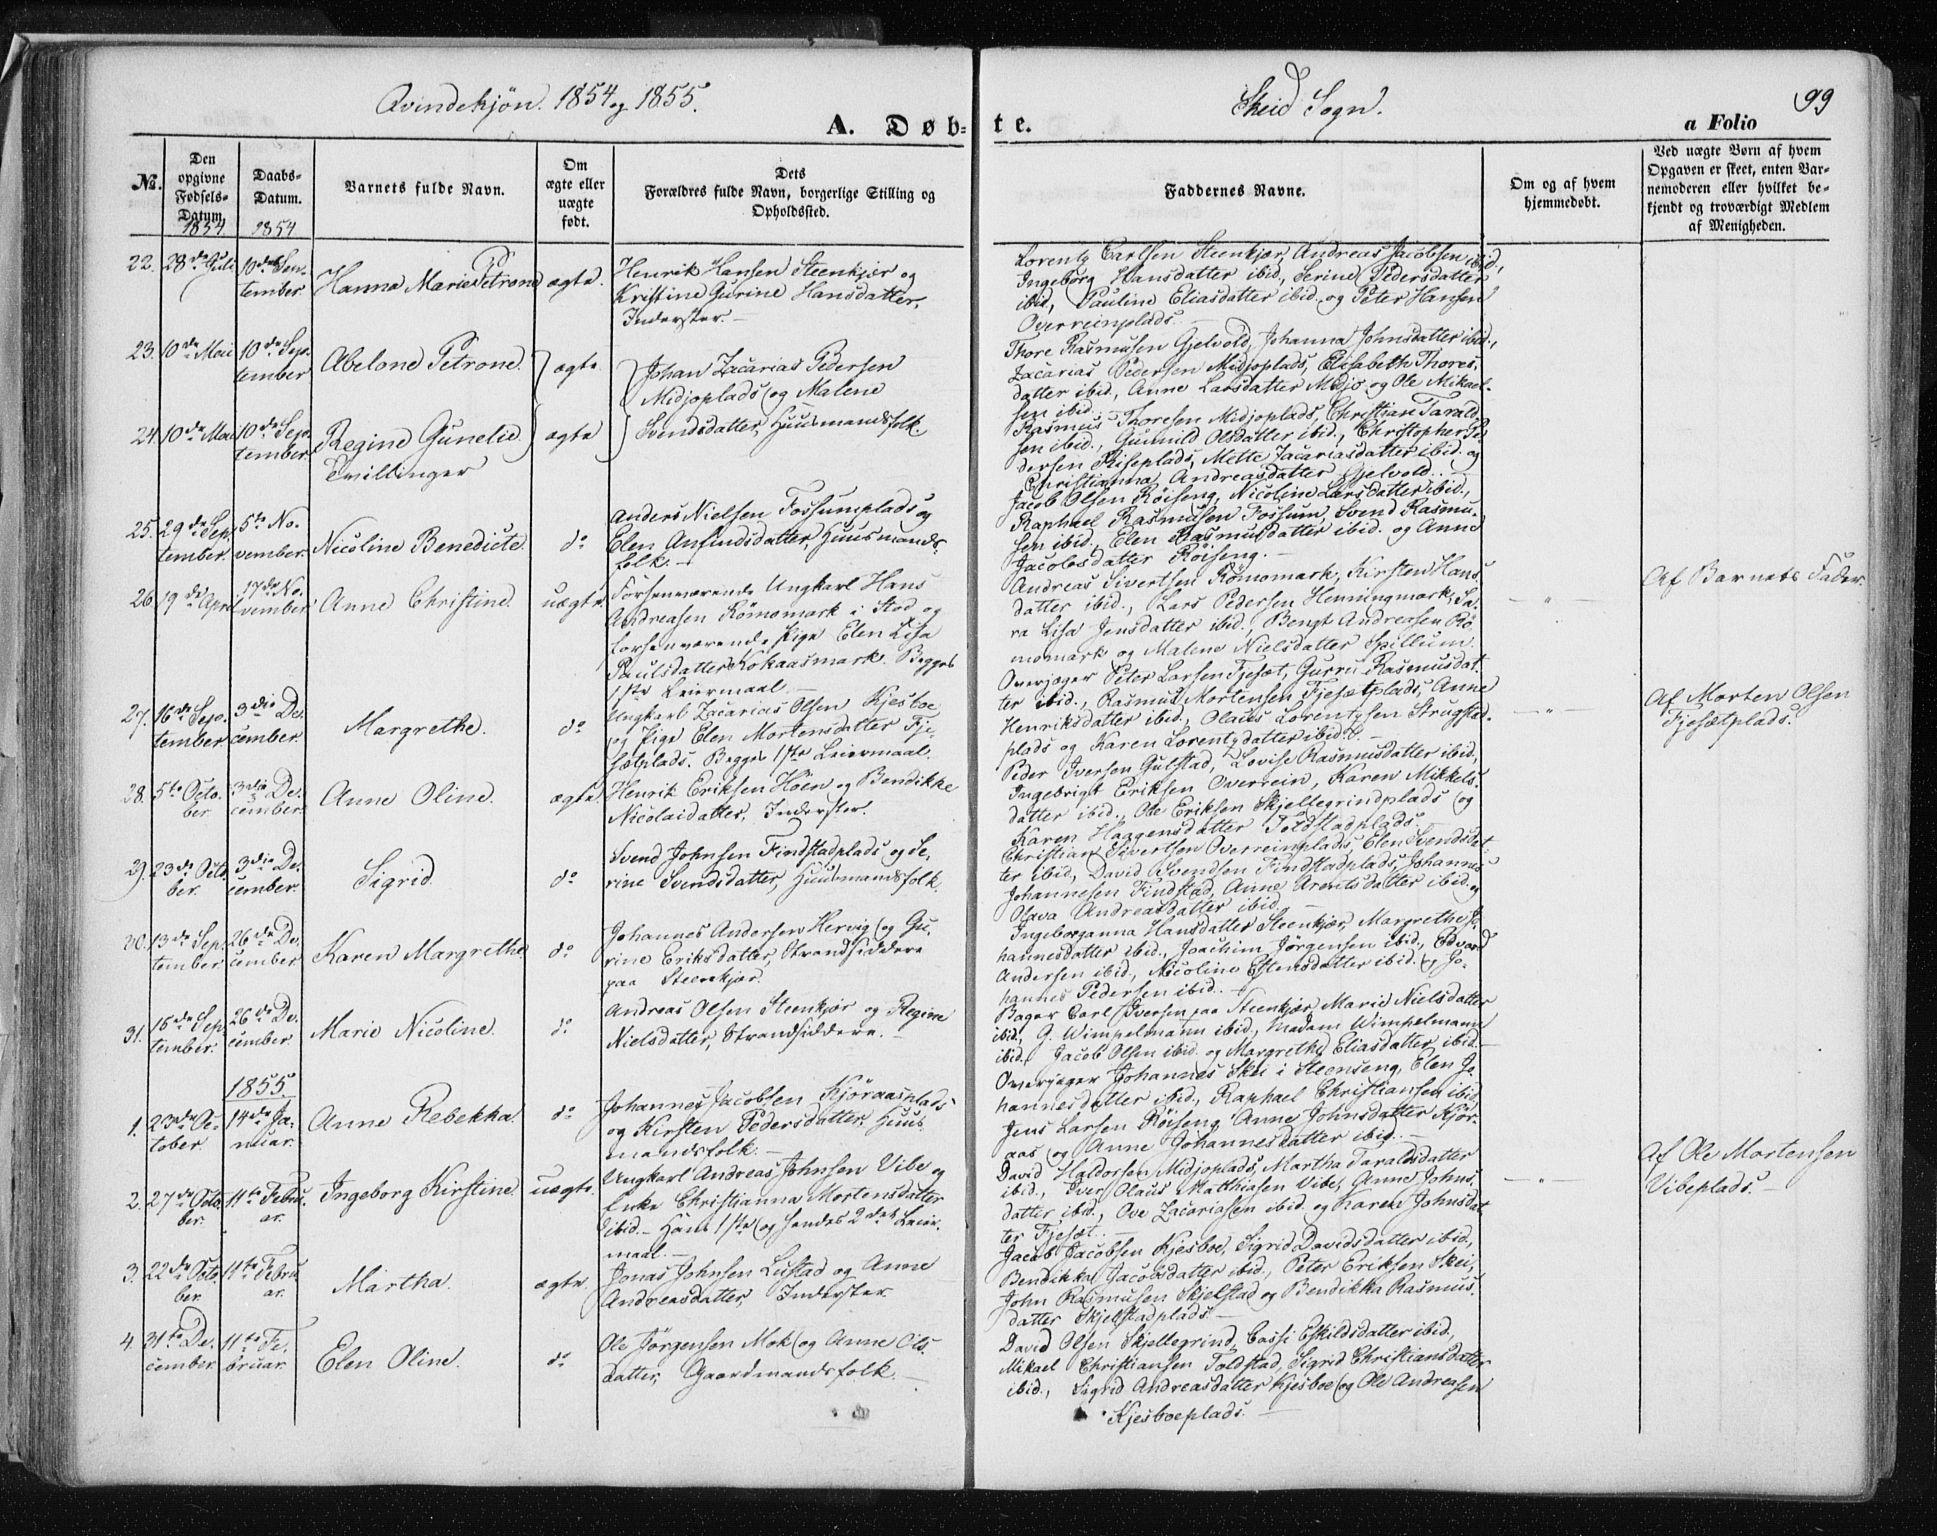 SAT, Ministerialprotokoller, klokkerbøker og fødselsregistre - Nord-Trøndelag, 735/L0342: Ministerialbok nr. 735A07 /2, 1849-1862, s. 99